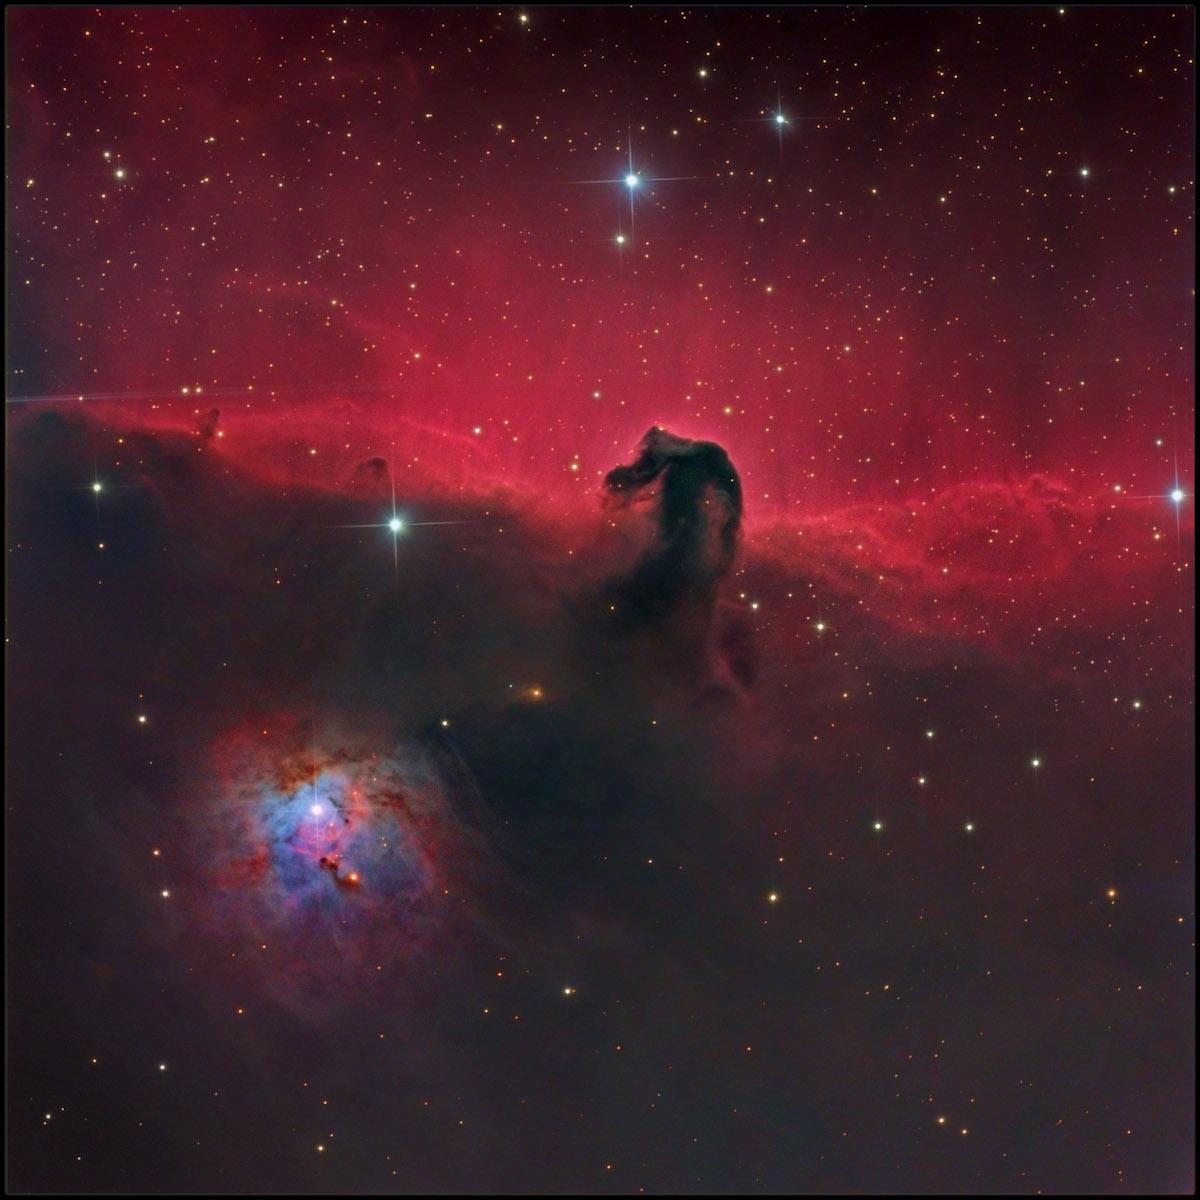 Захватывающий шорт-лист лучших астрономических фотографий года list33